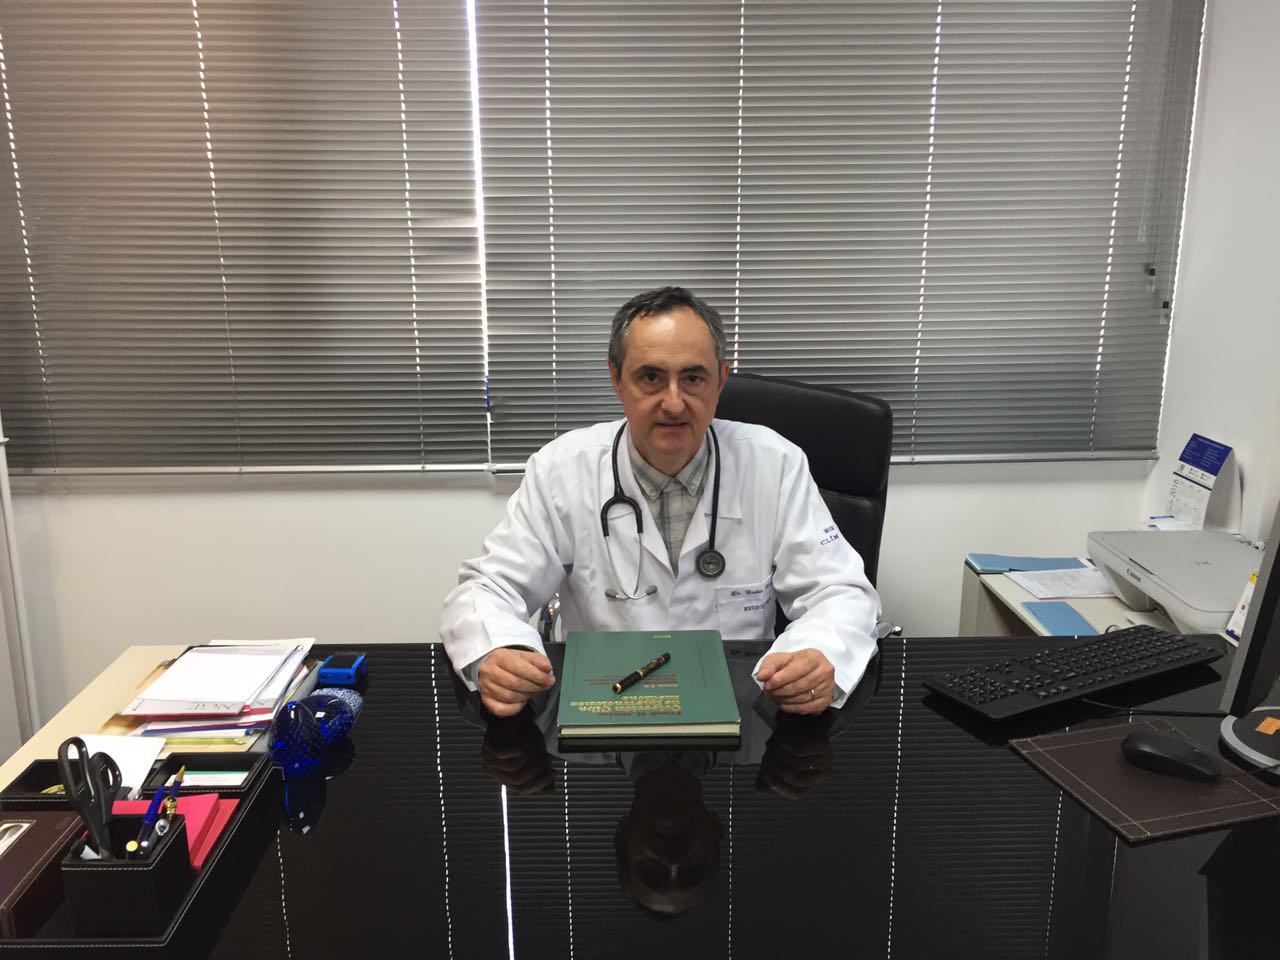 Clínica Neurológica Dr. Carlos Henrique Durso Carneiro, Santo André - SP